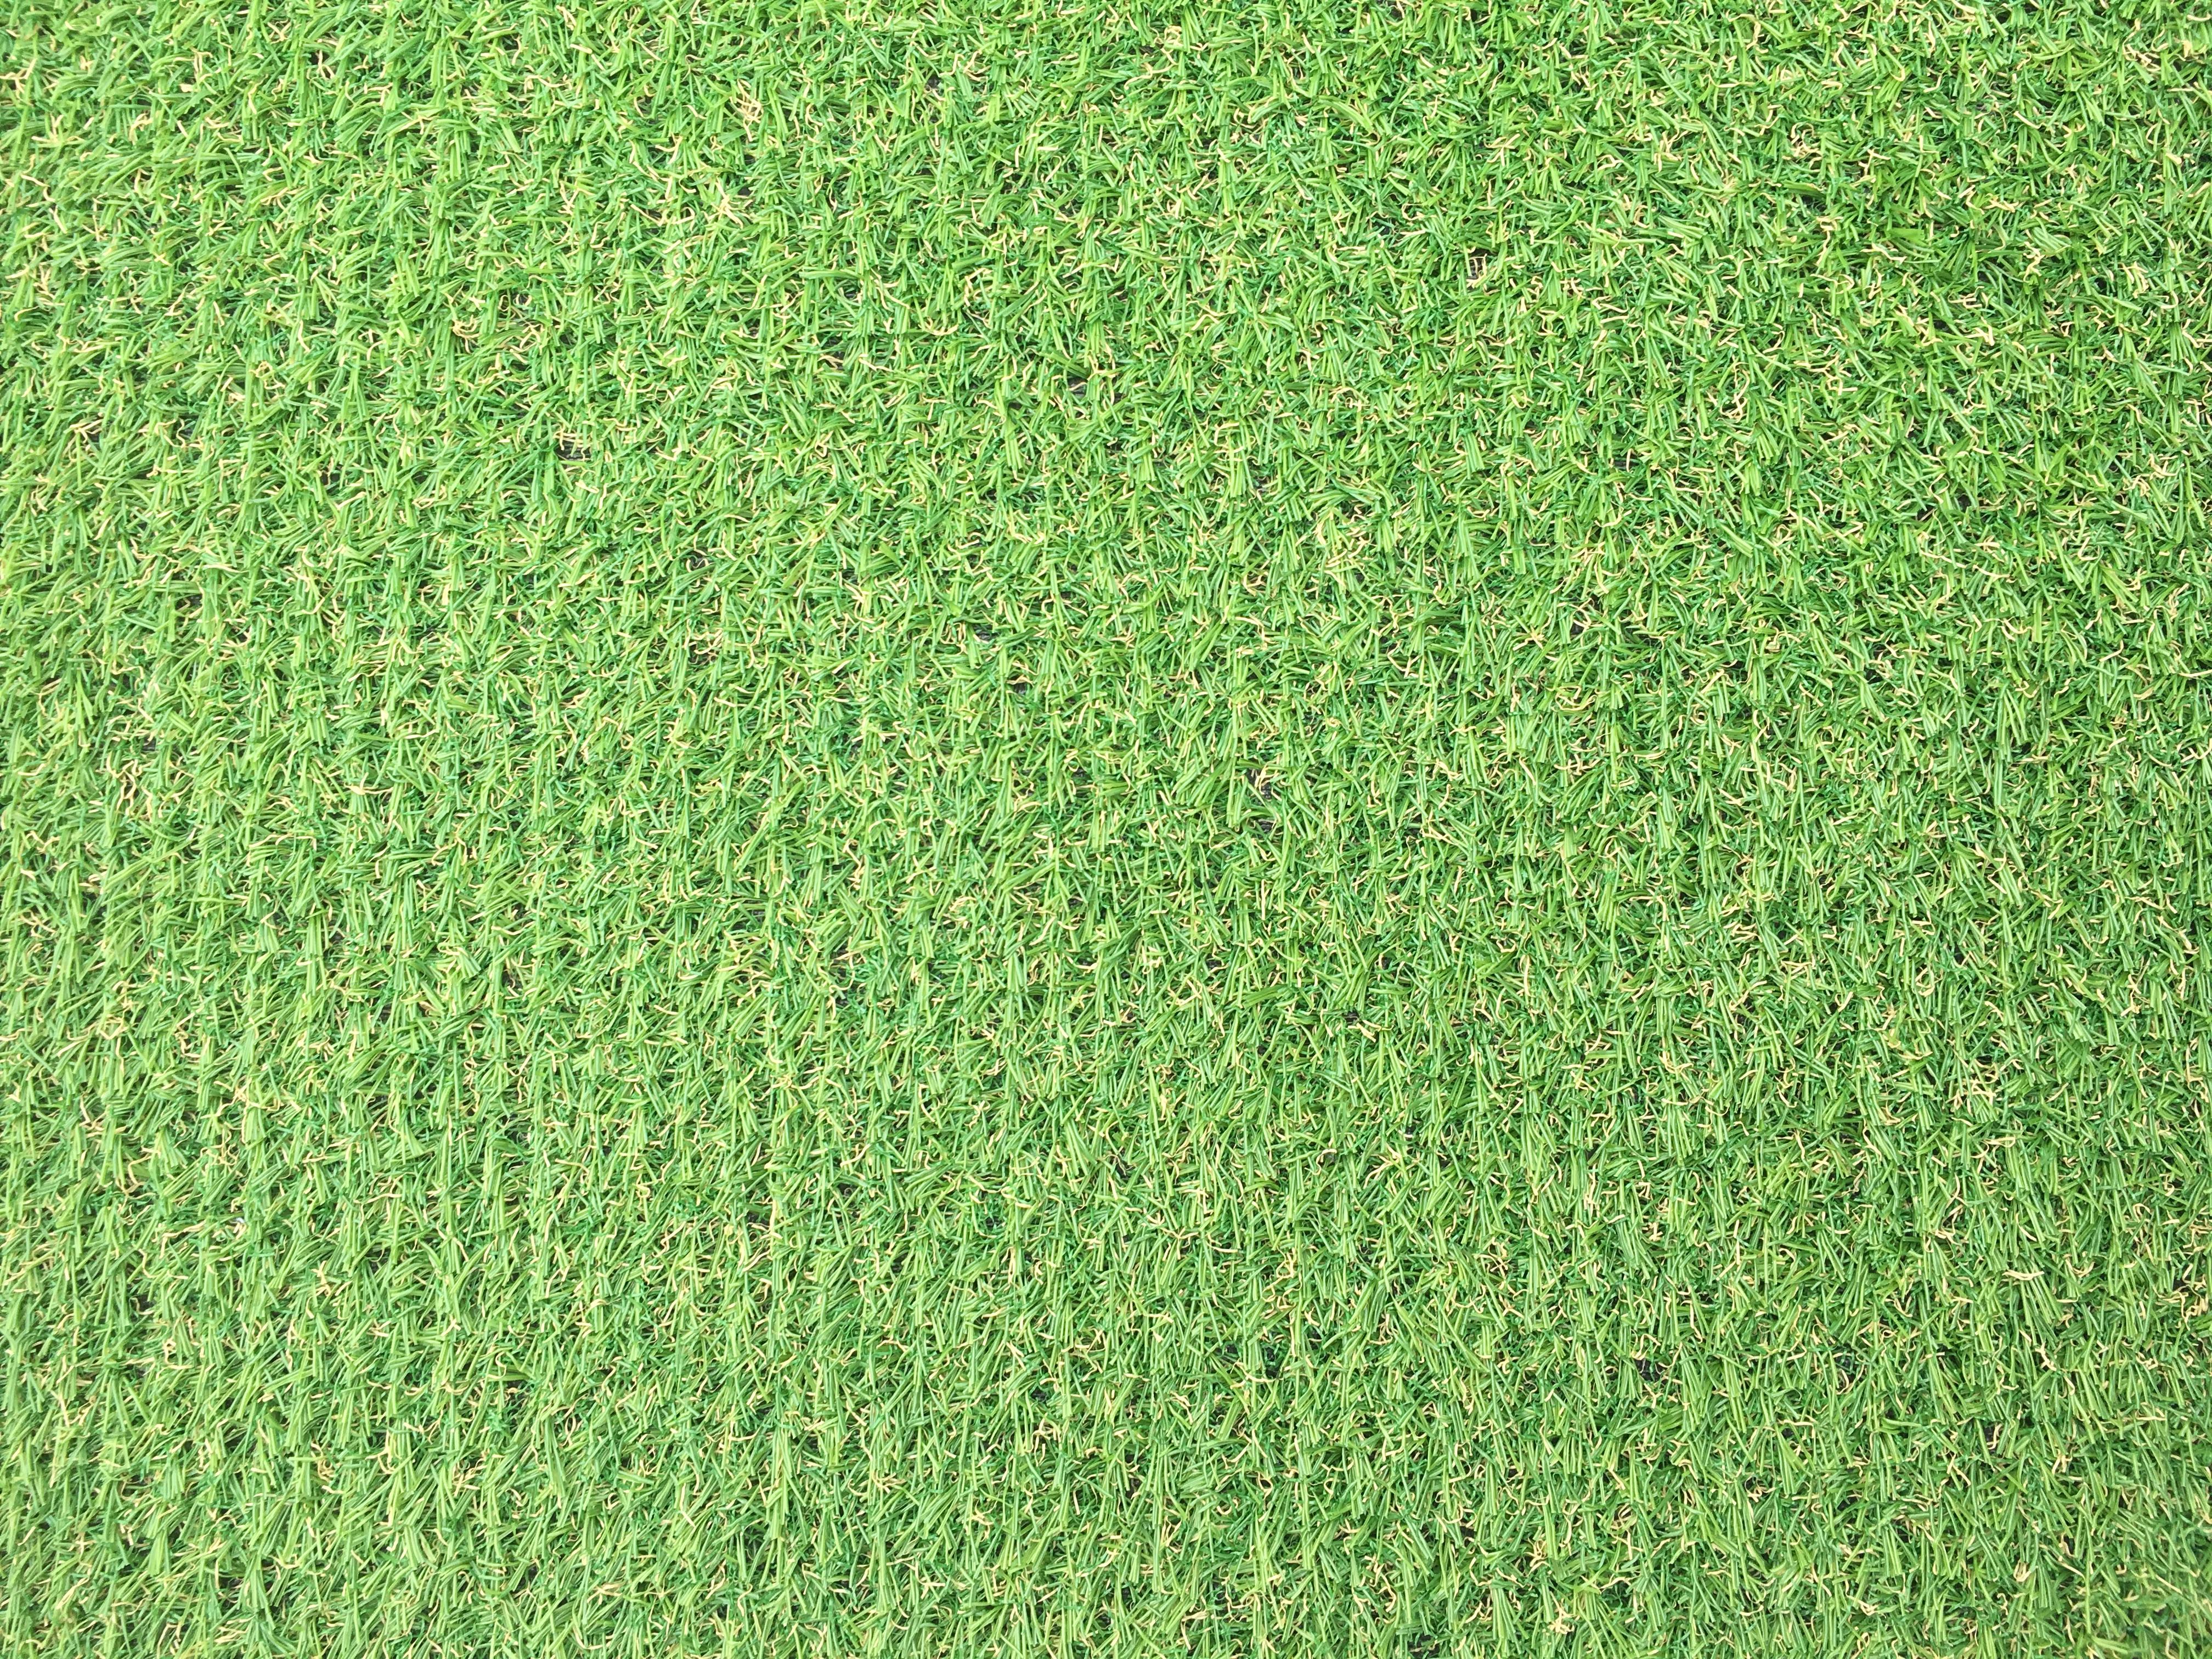 Covor Iarba Artificiala, Tip Gazon, Verde, Natura, 100% Polipropilena, 10 mm, 100x400 cm 3